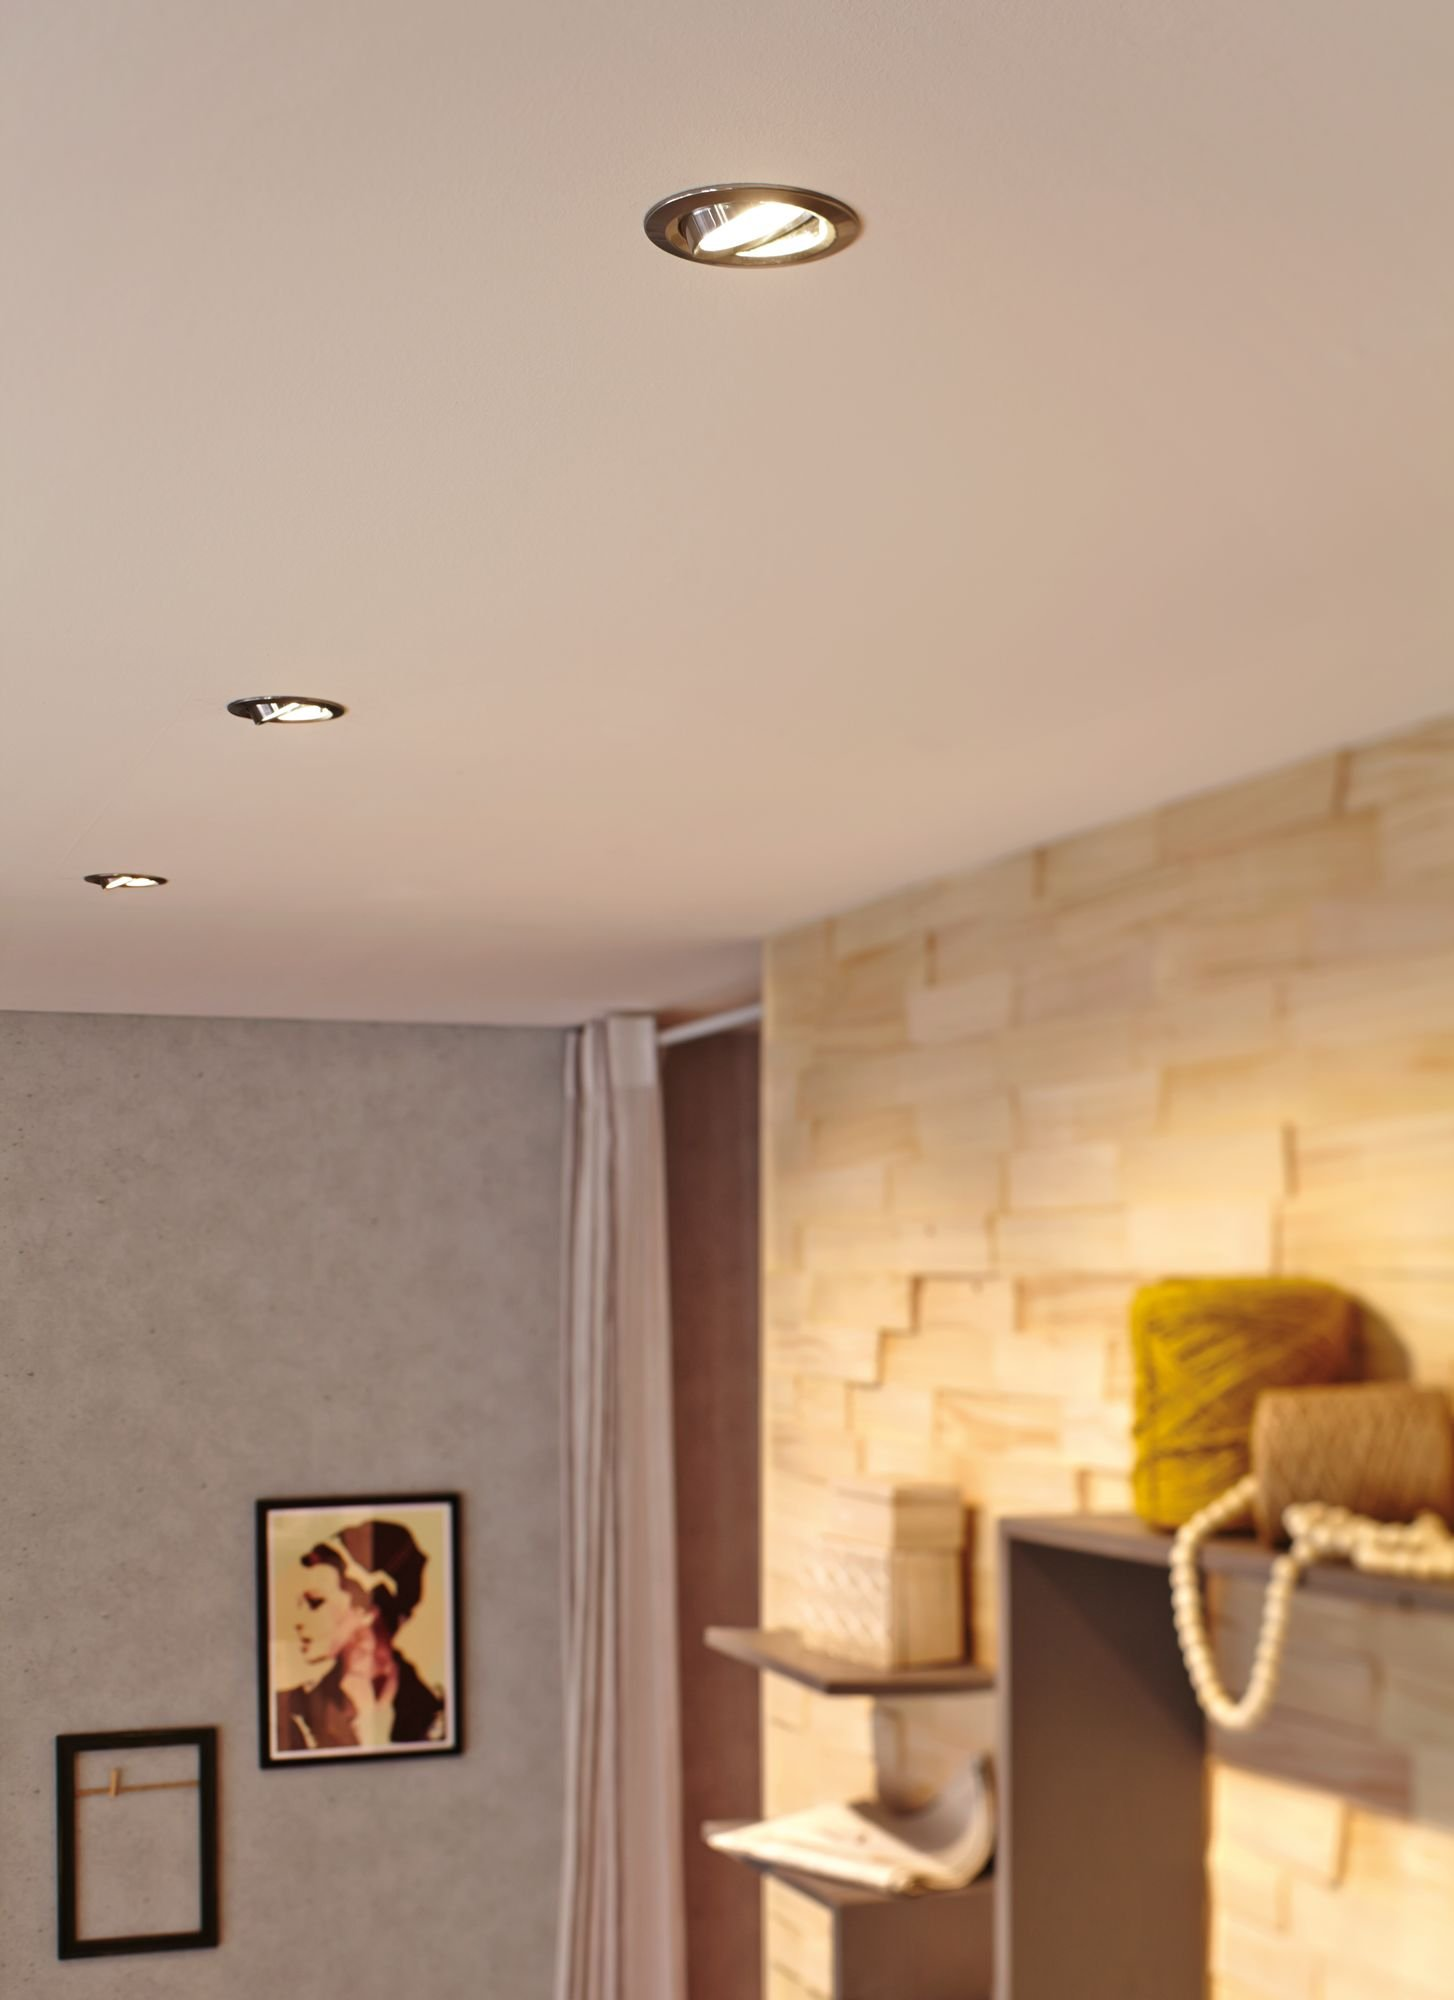 LED Reflektor GU10 230V 3x230lm 3x4W 2700K Alu